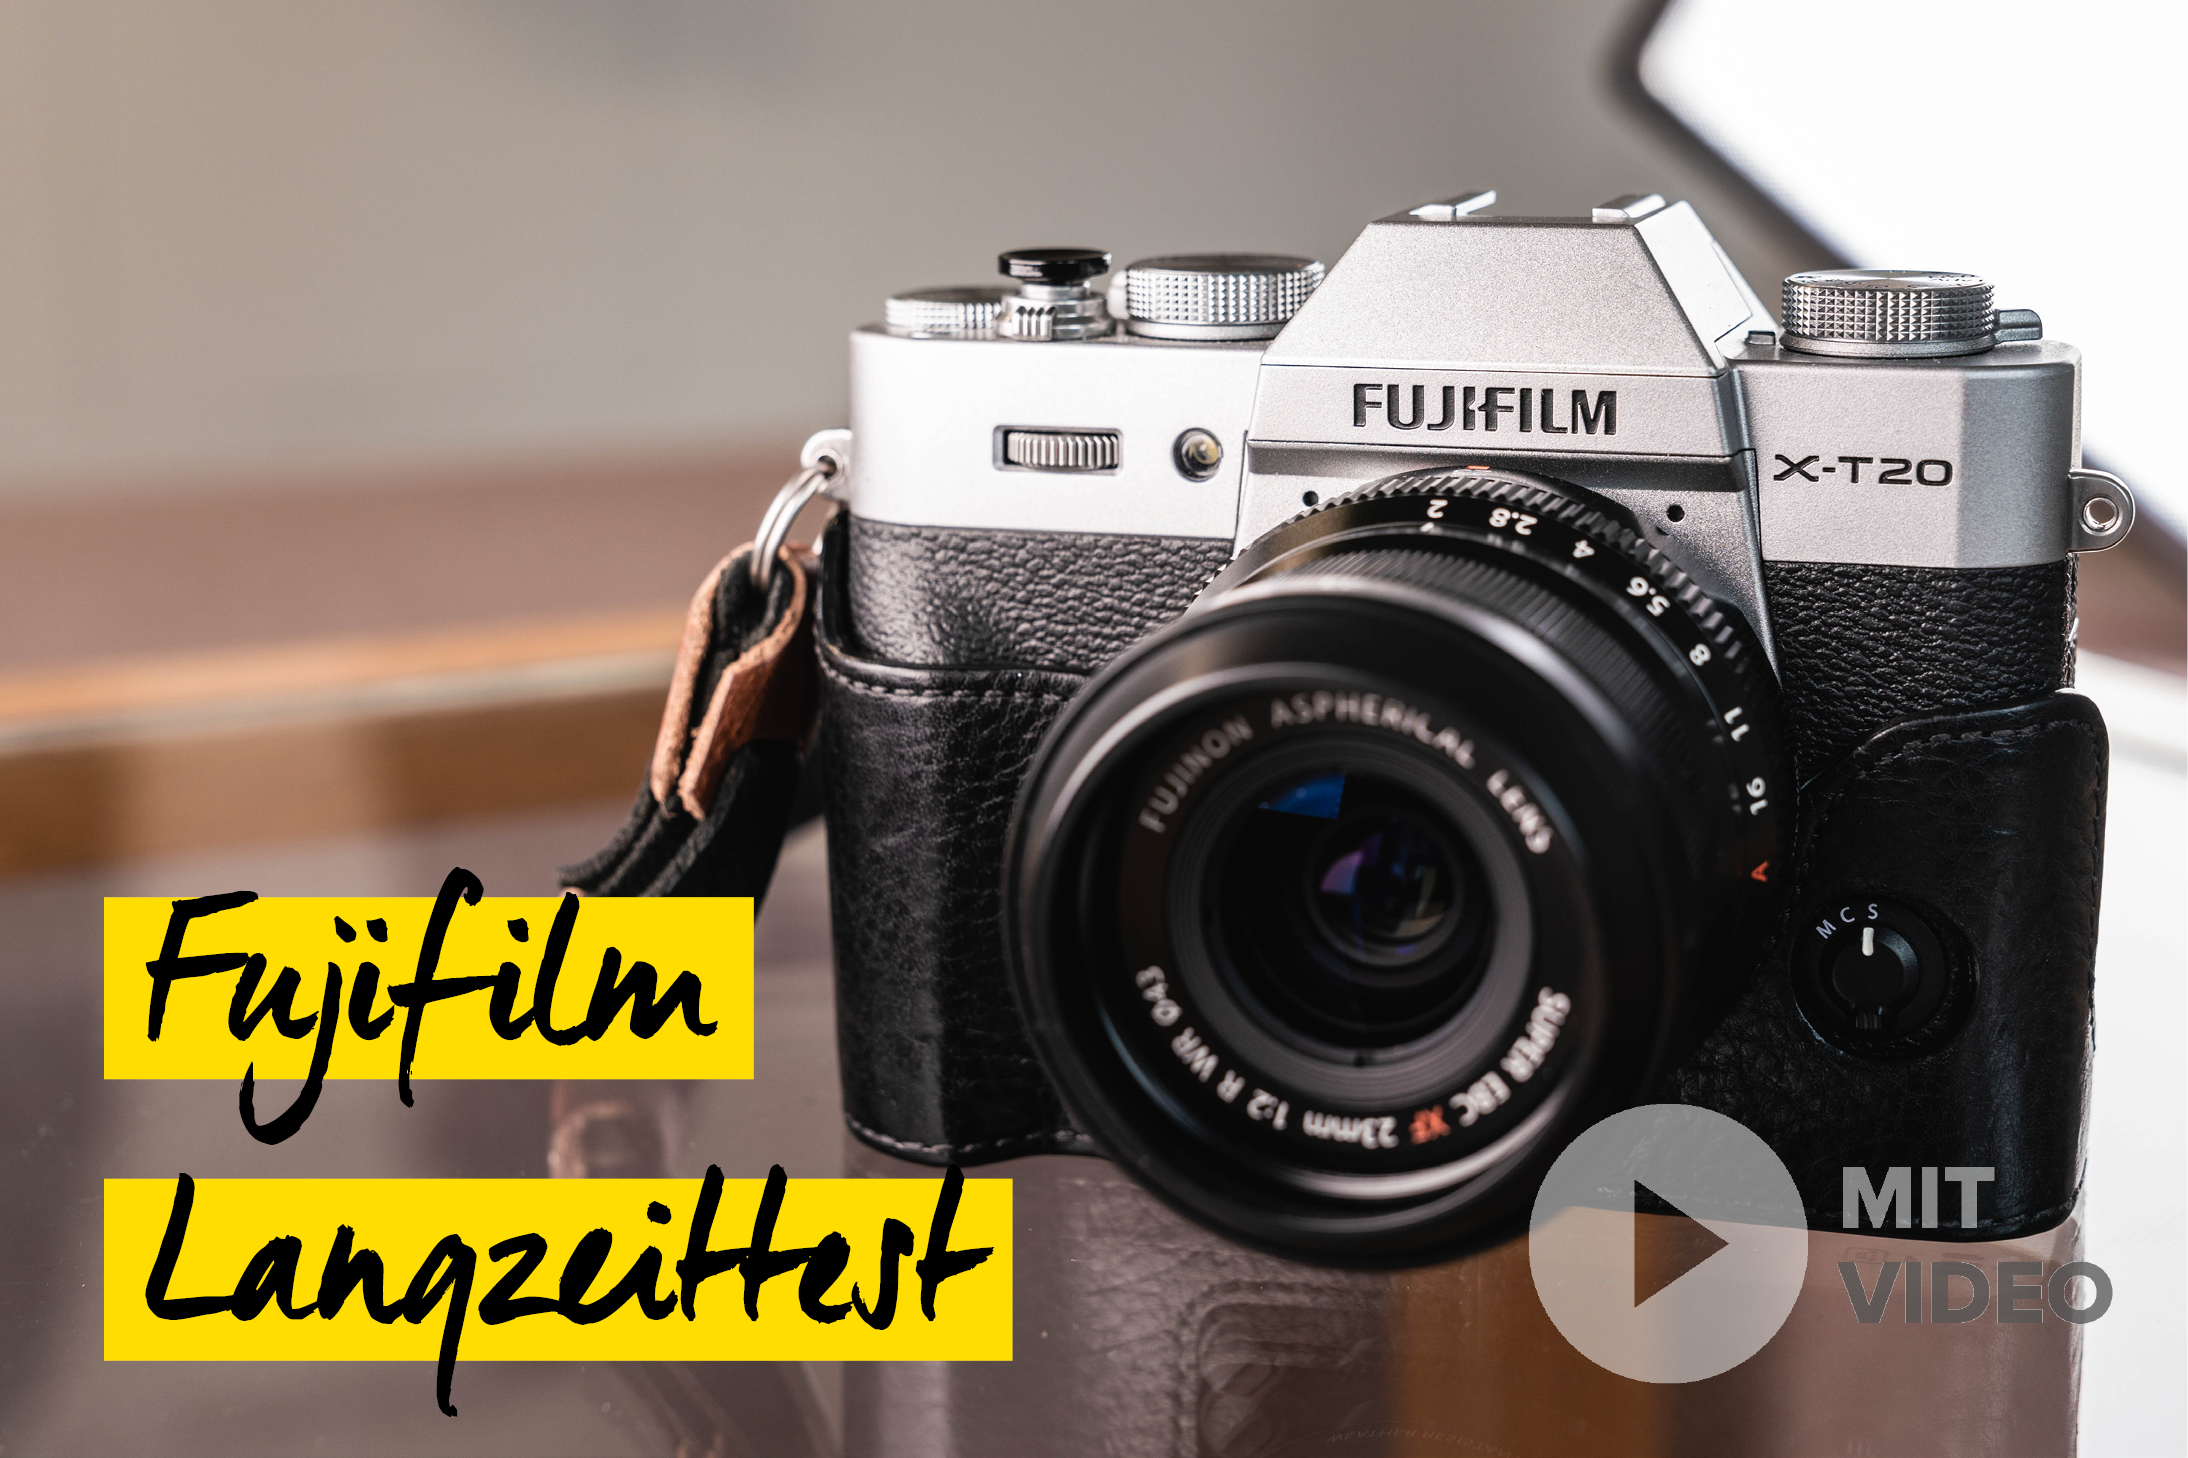 Fujifilm XT20